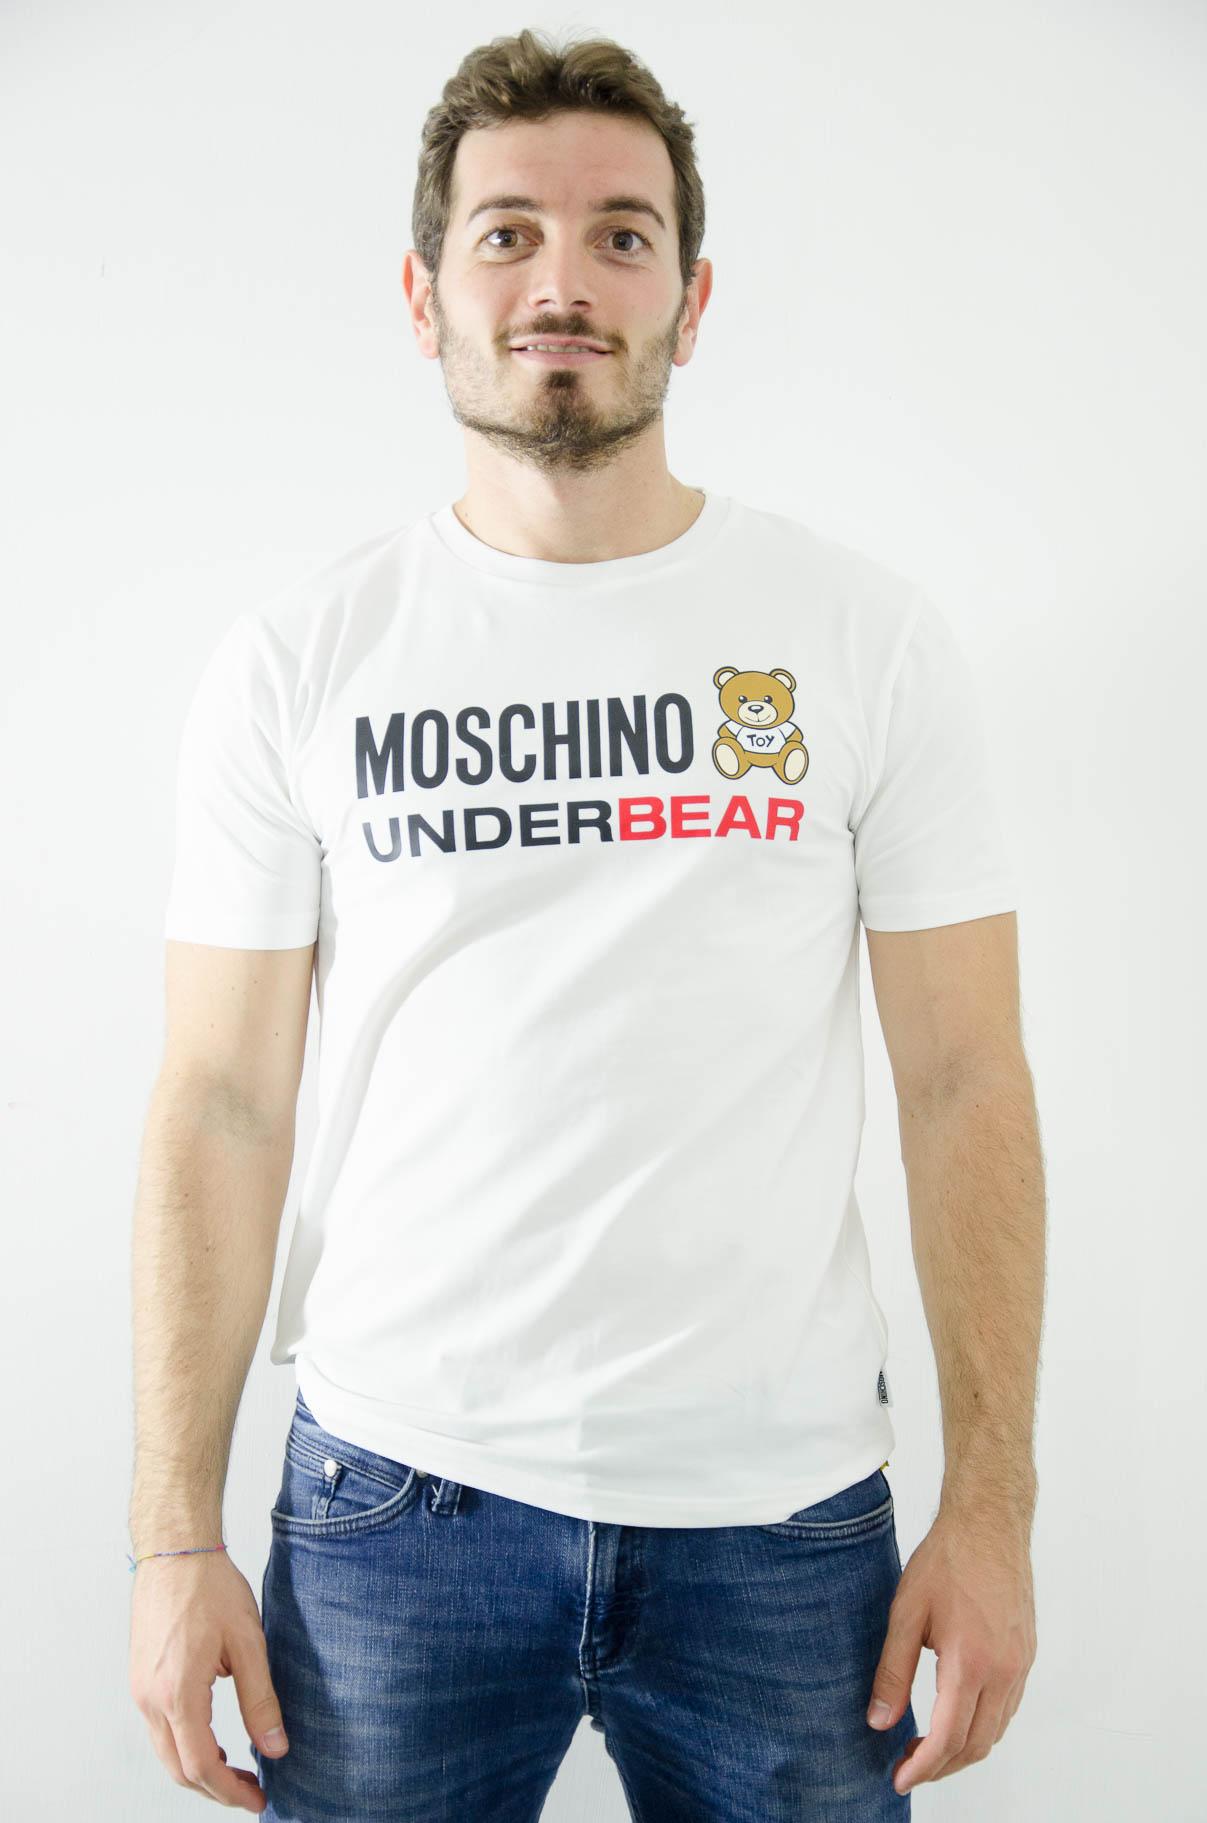 T Moschino Uomo Fashion Shirt – Italy Pn0wOk